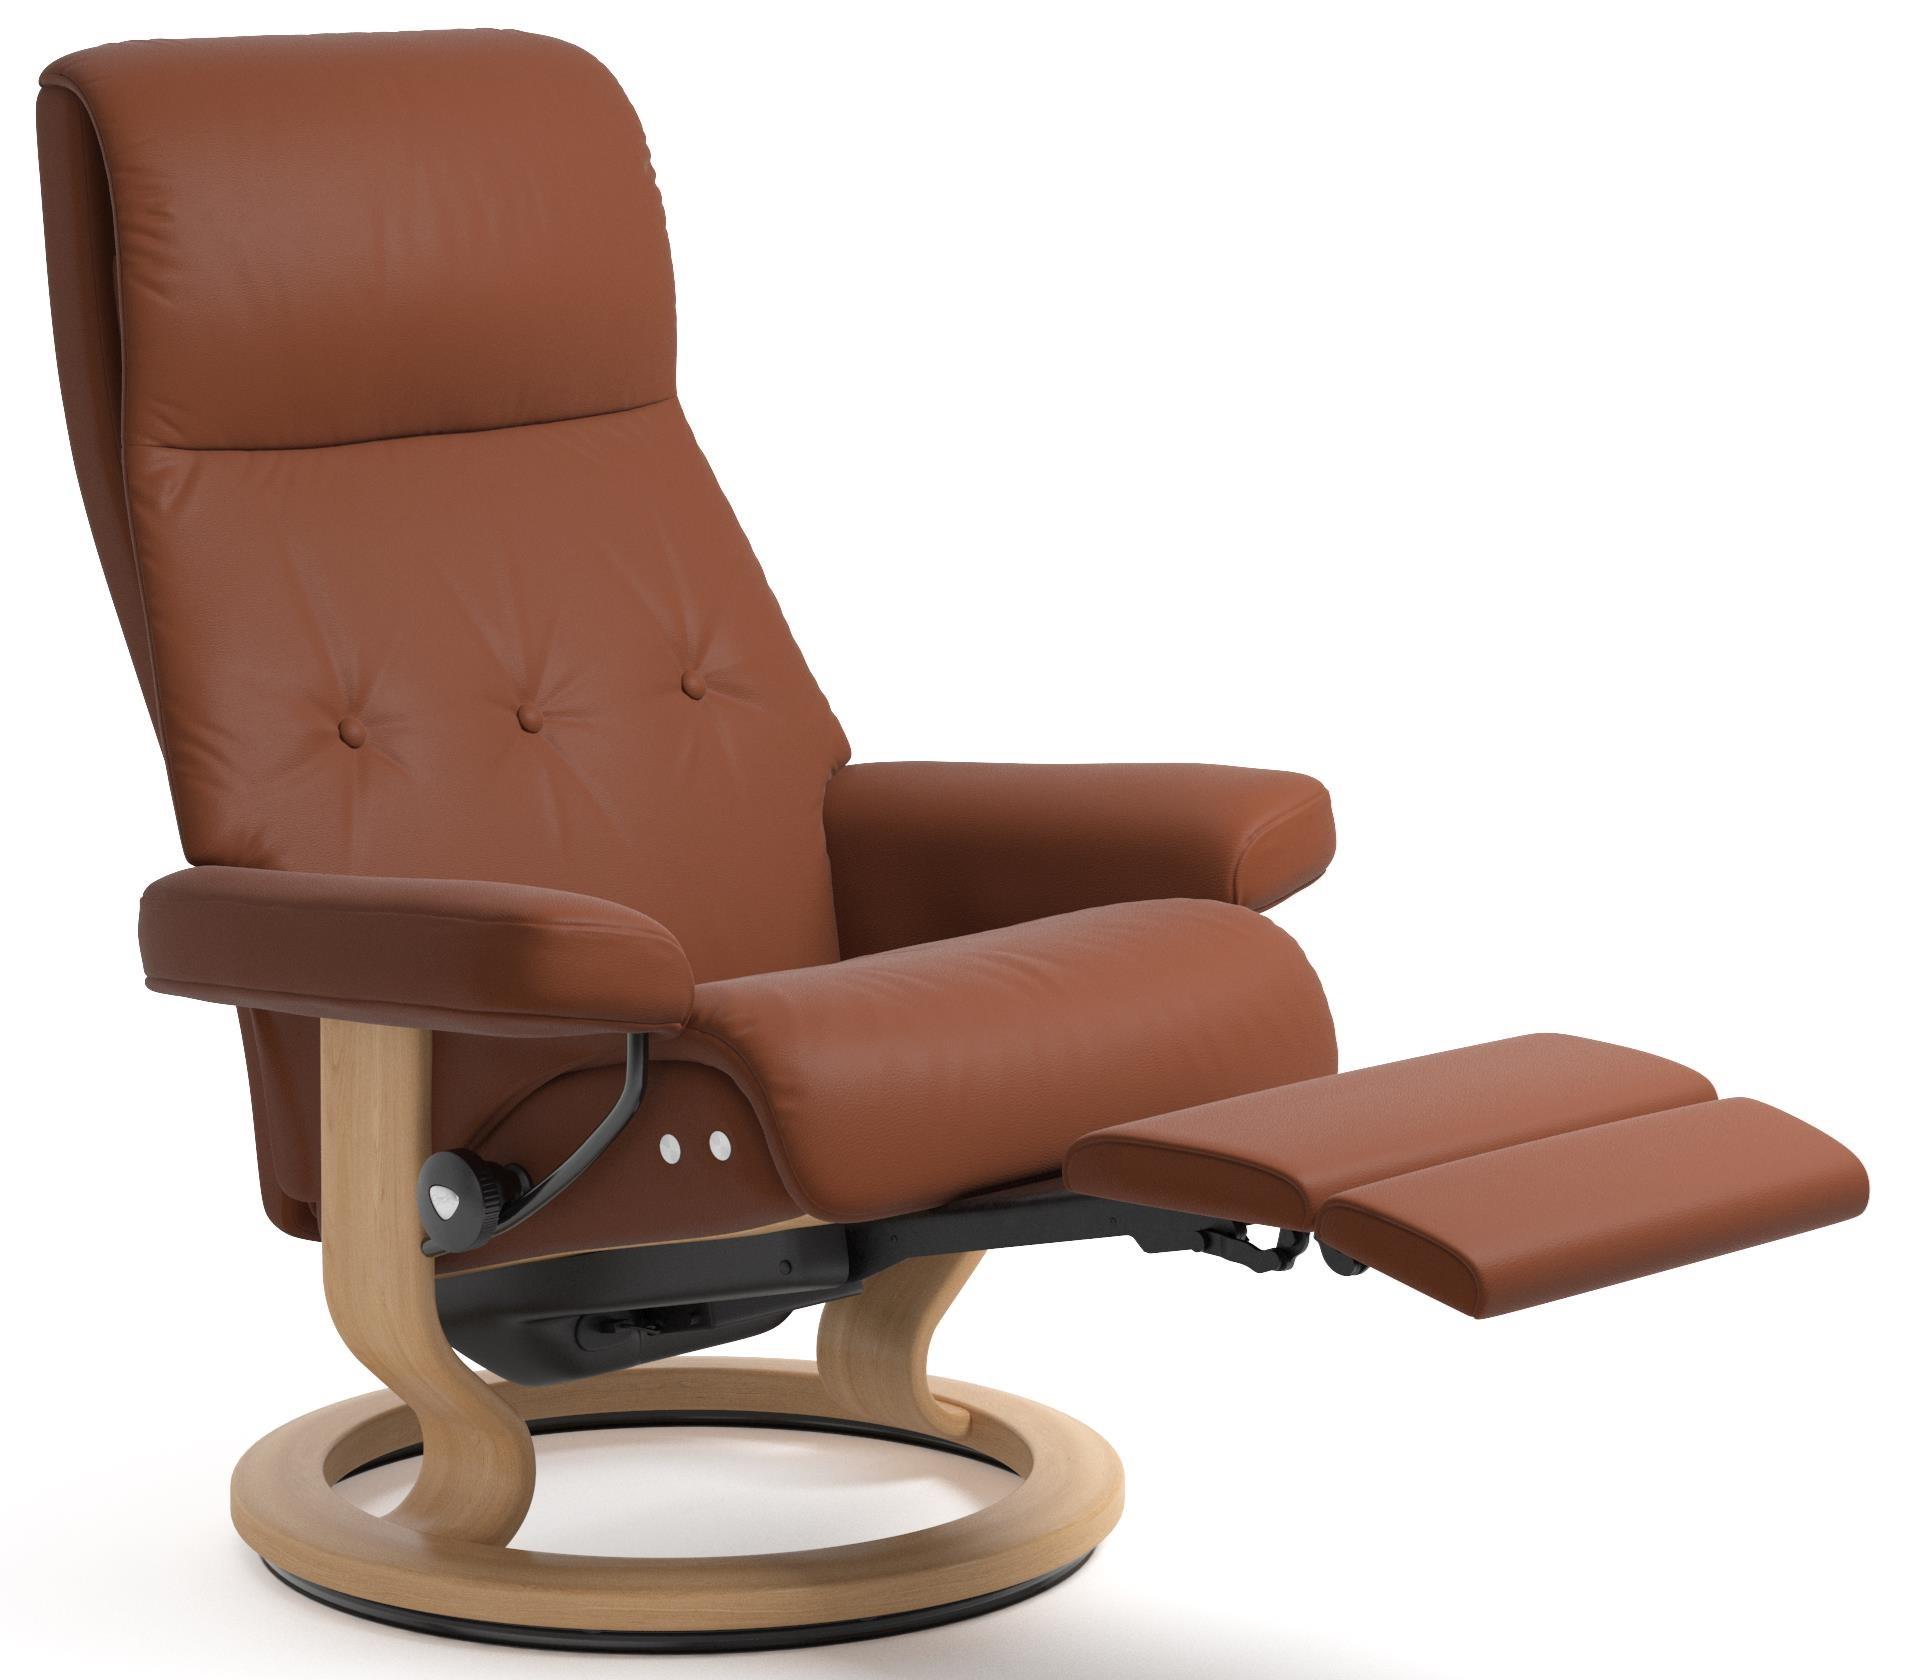 Stressless Sky Large LegComfort Recliner - Item Number: 1333715